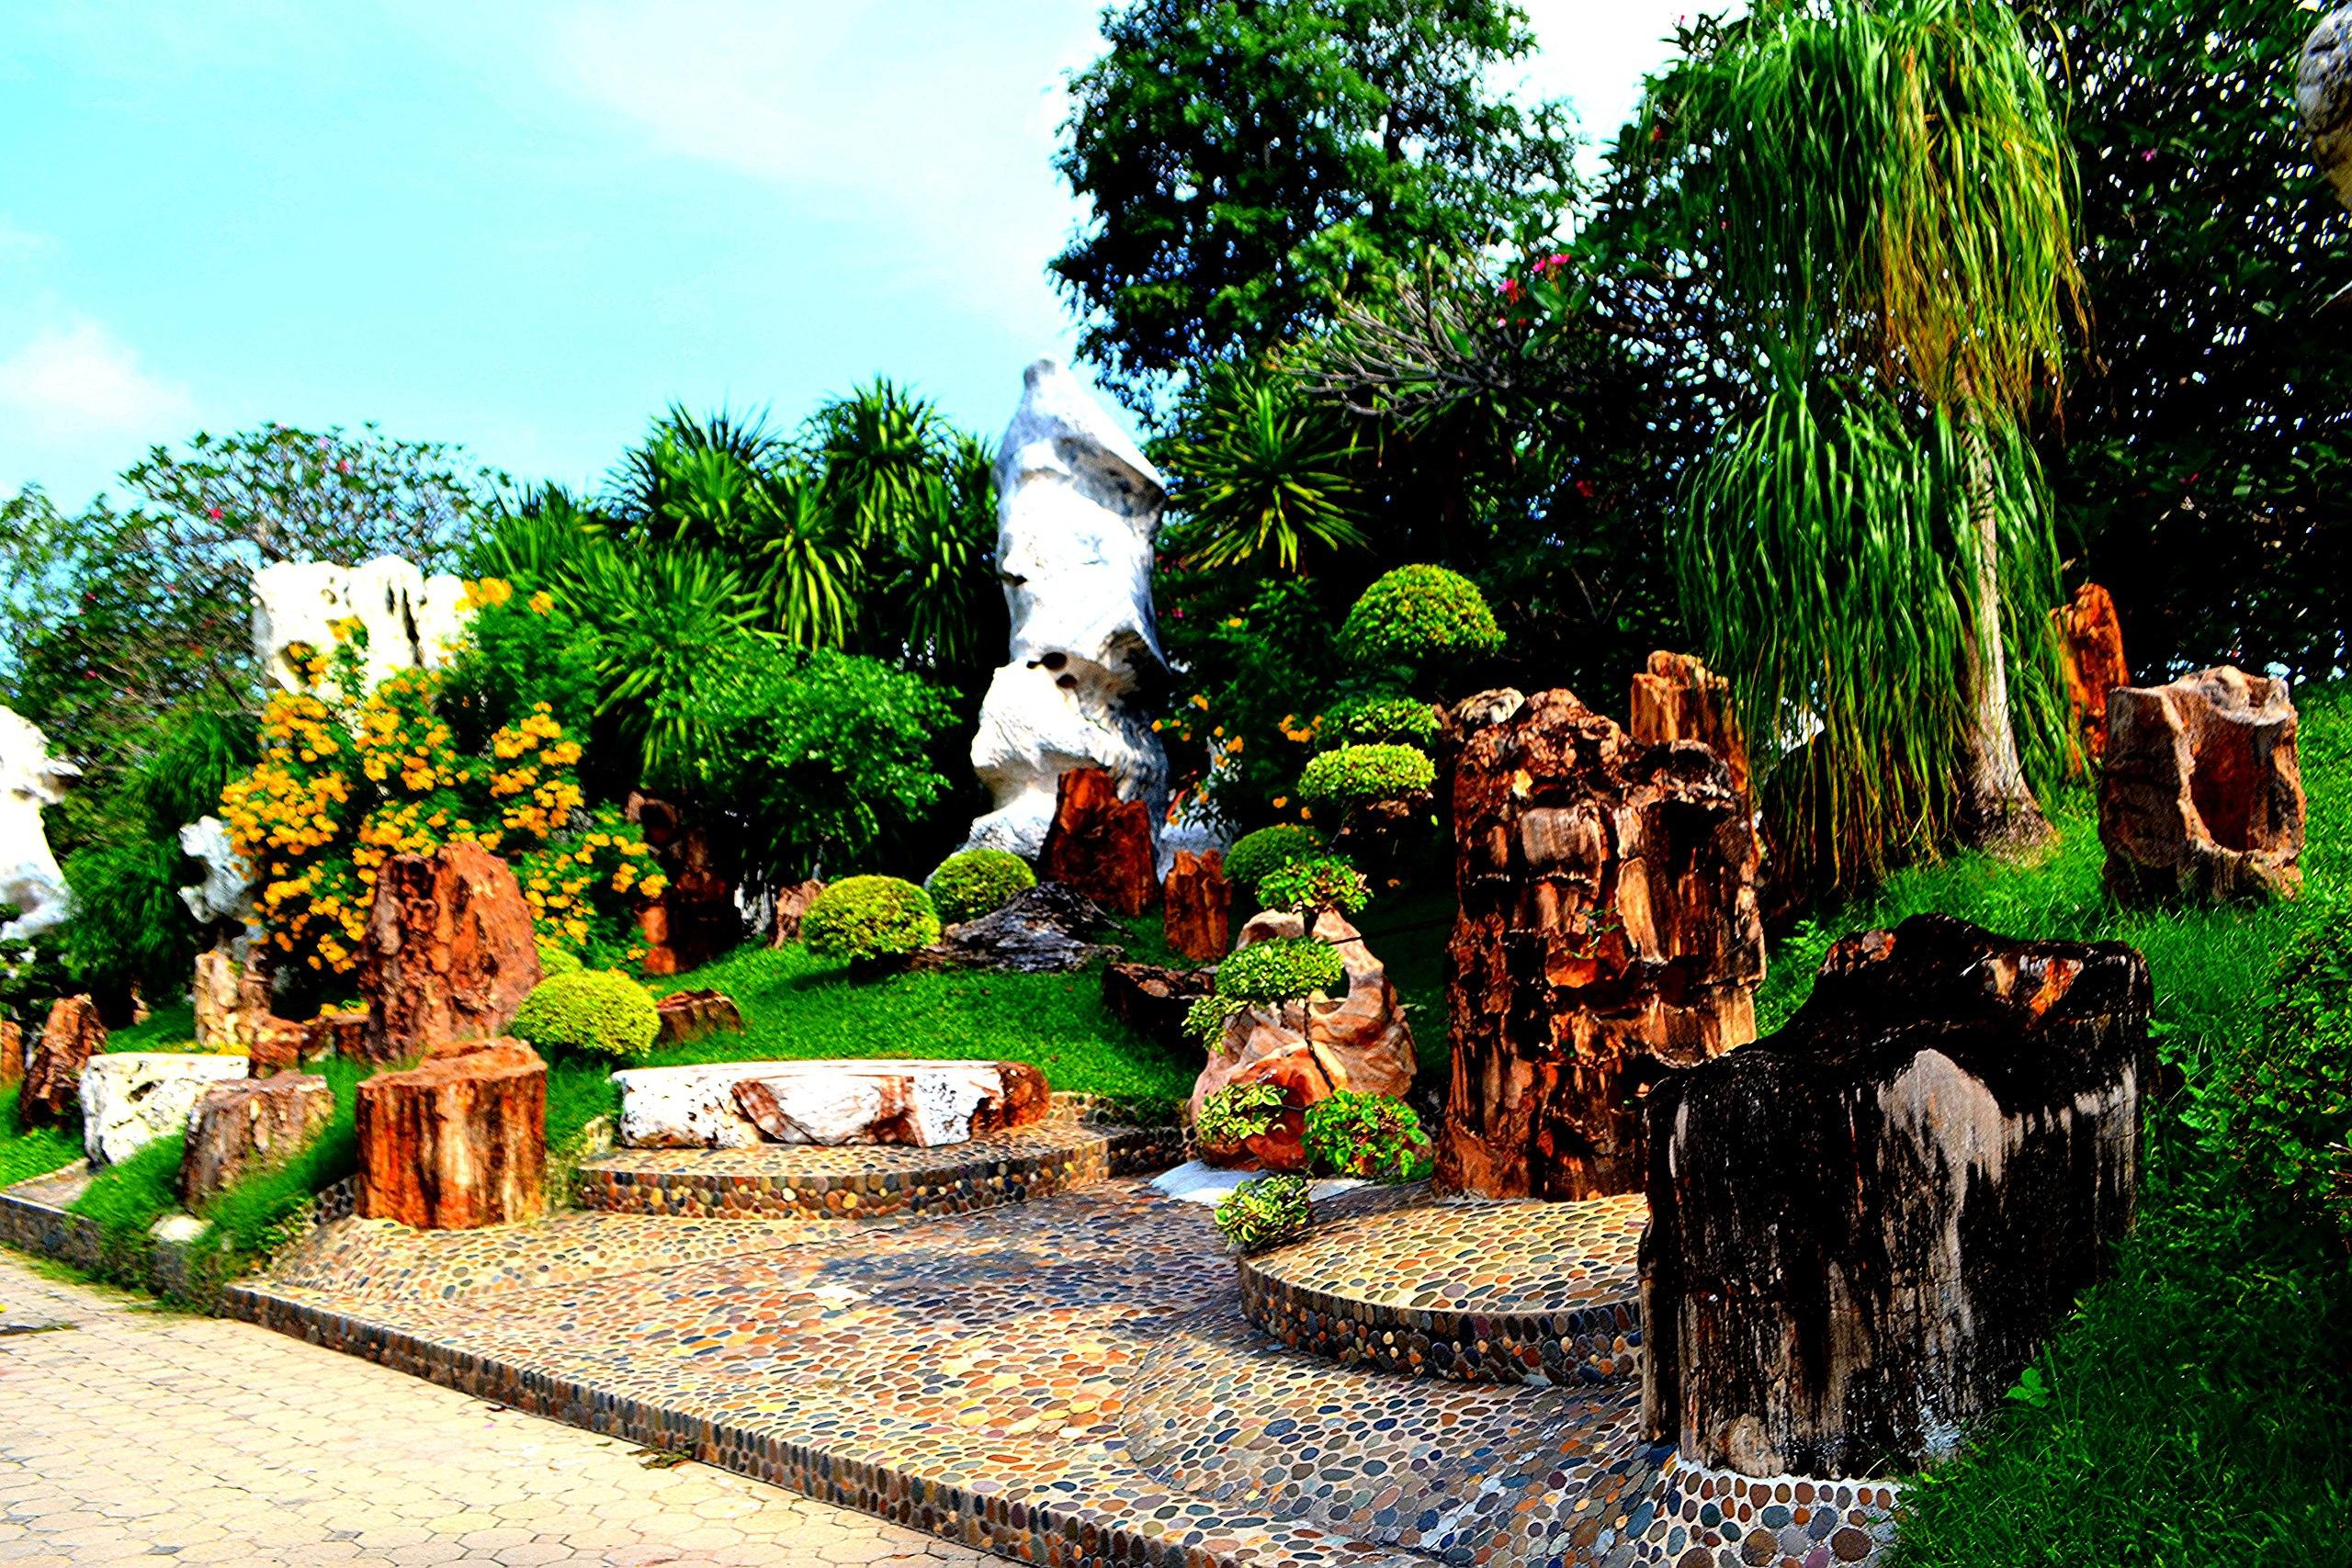 Елена Руденко ( Валтея ). Таиланд. Парк миллионолетних камней и крокодиловая ферма. W8Vv1kLjzaM